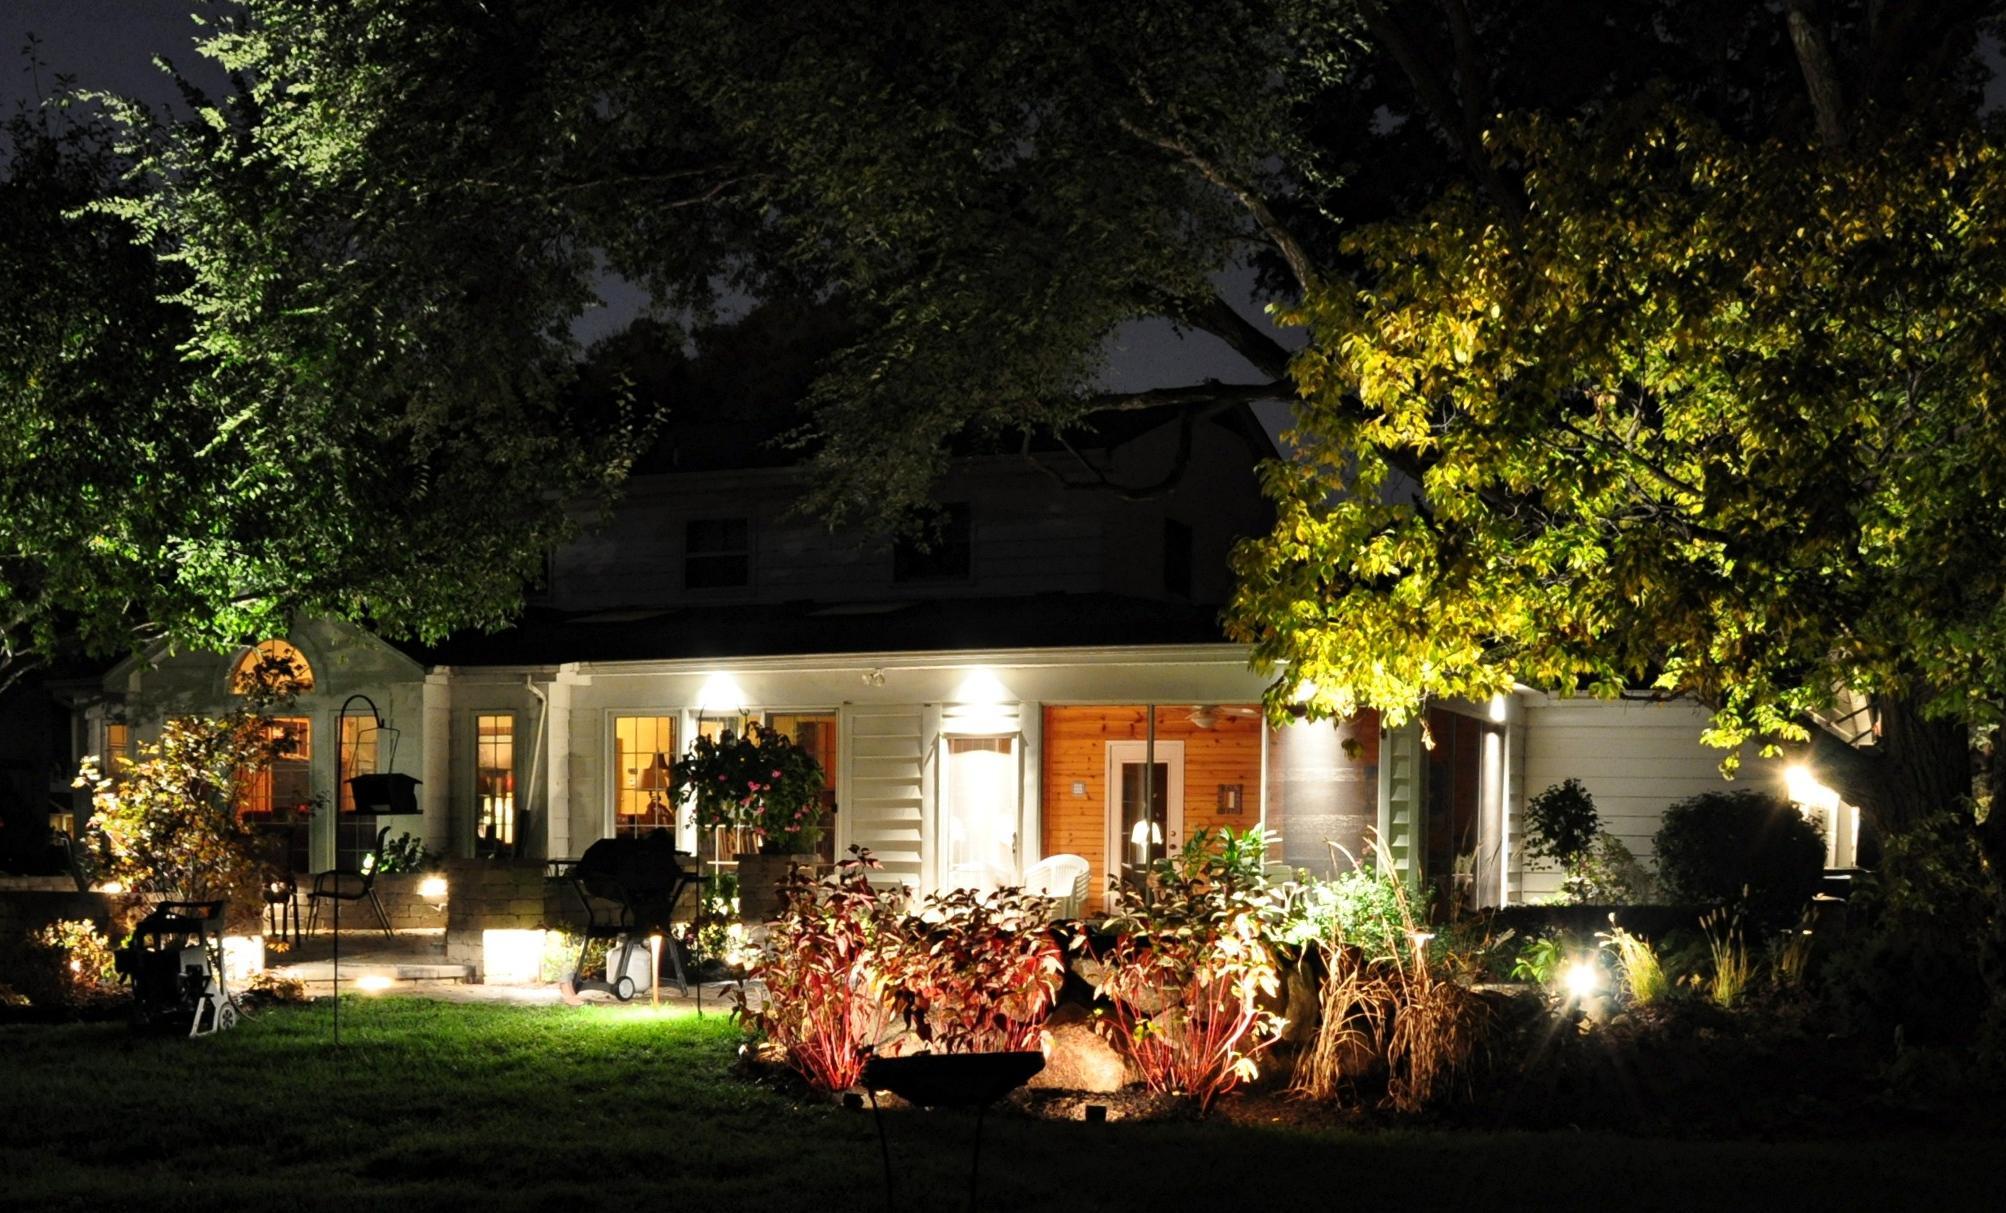 Pr d w ogrodzie roz wietli ziele noc archido - How to design landscape lighting plan ...